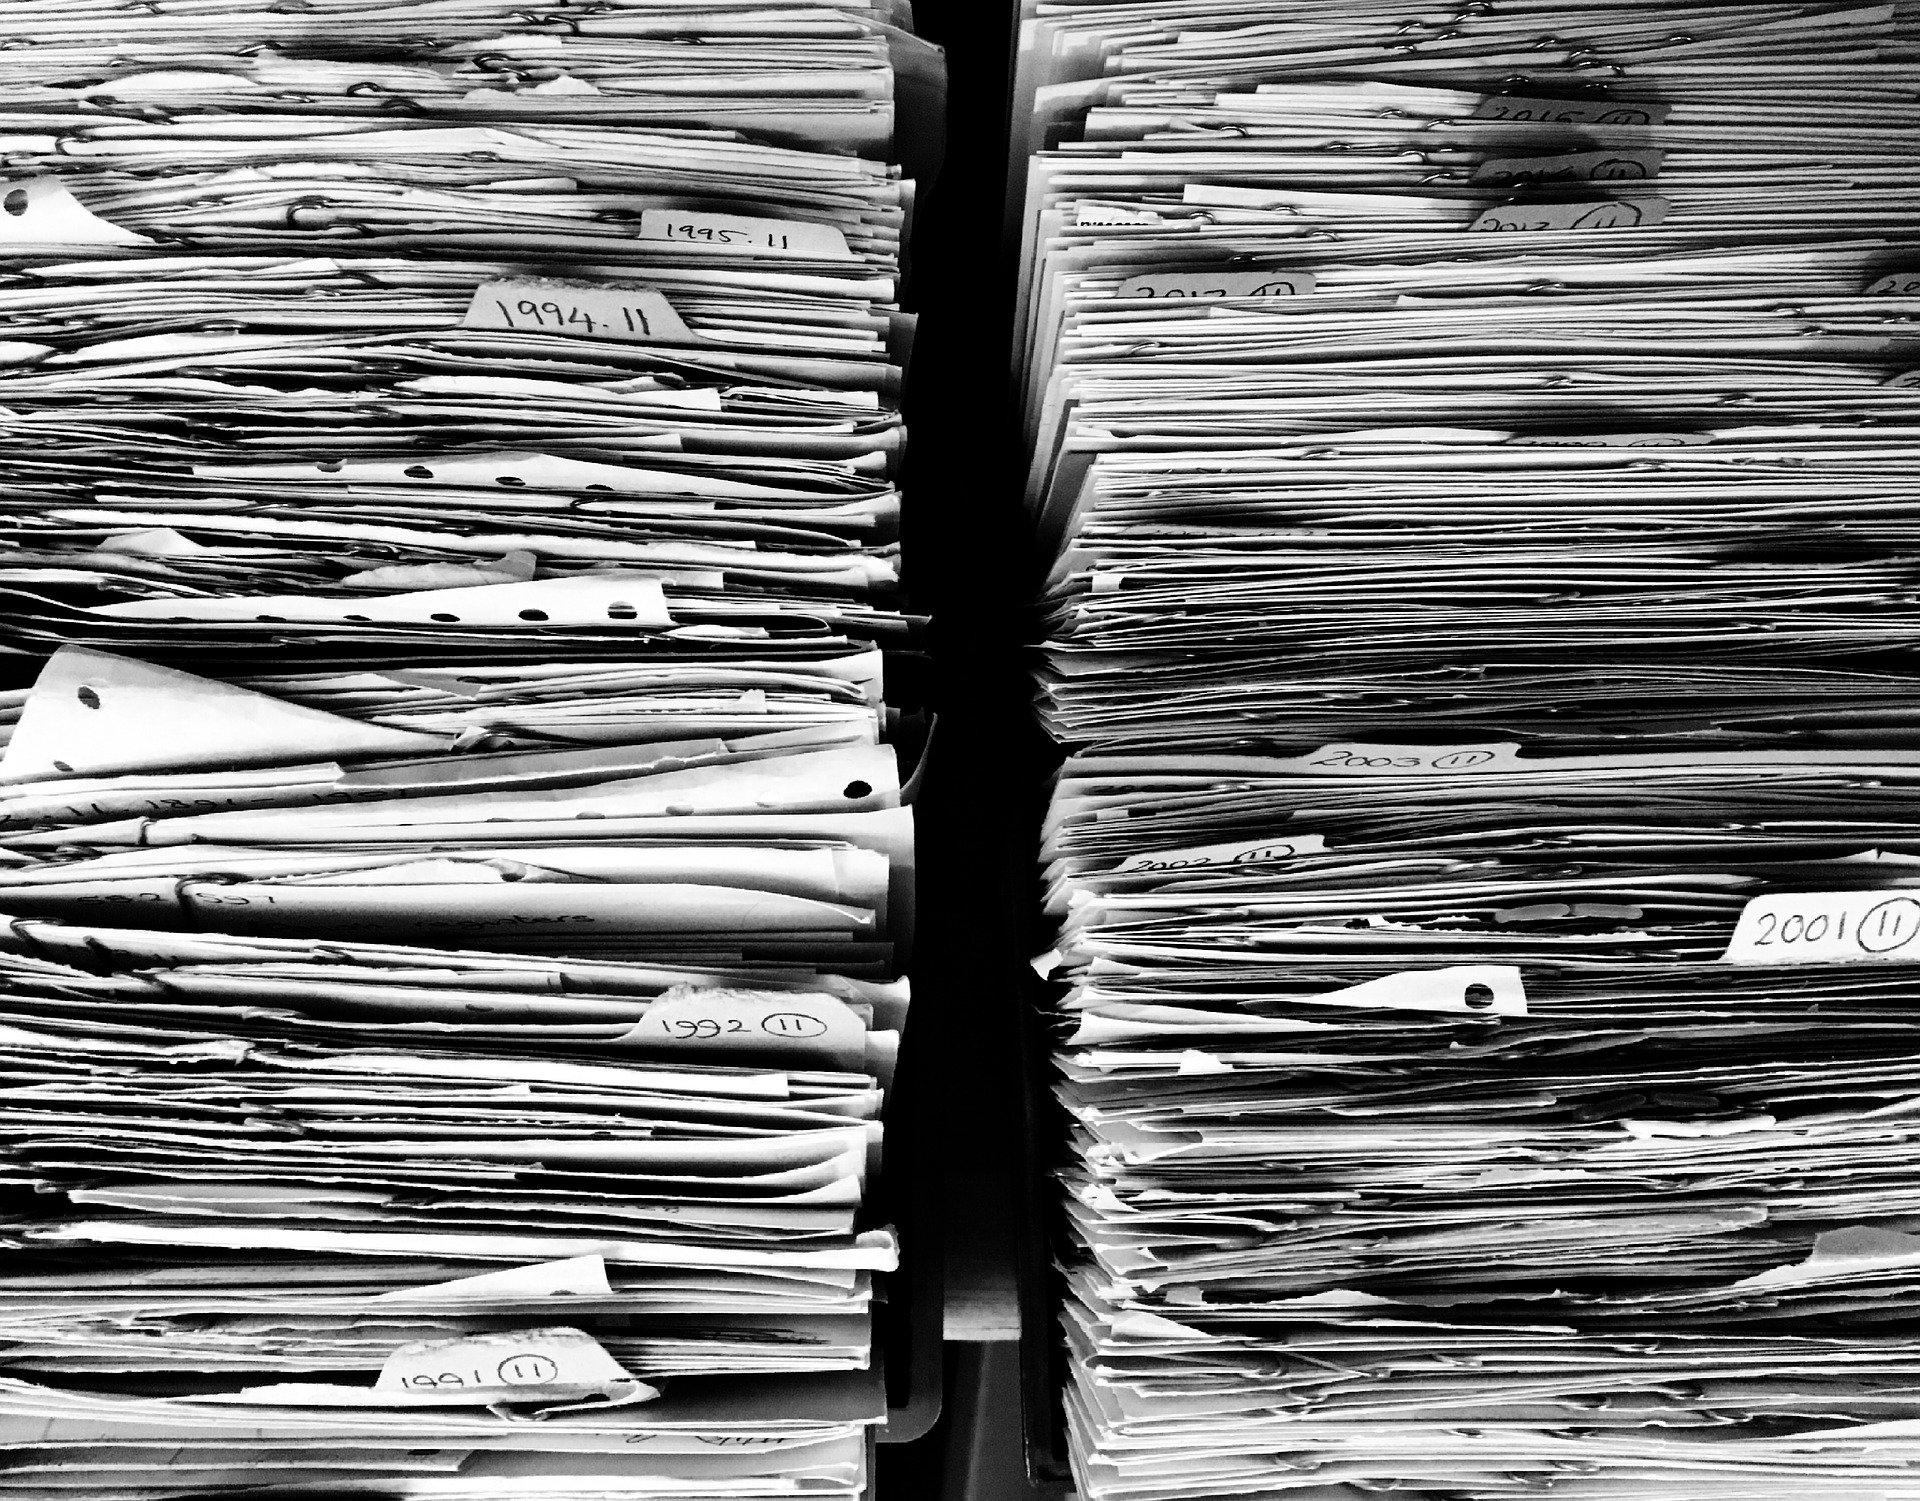 Viele Personaldaten werden lückenhaft und nicht gesetzeskonform gespeichert